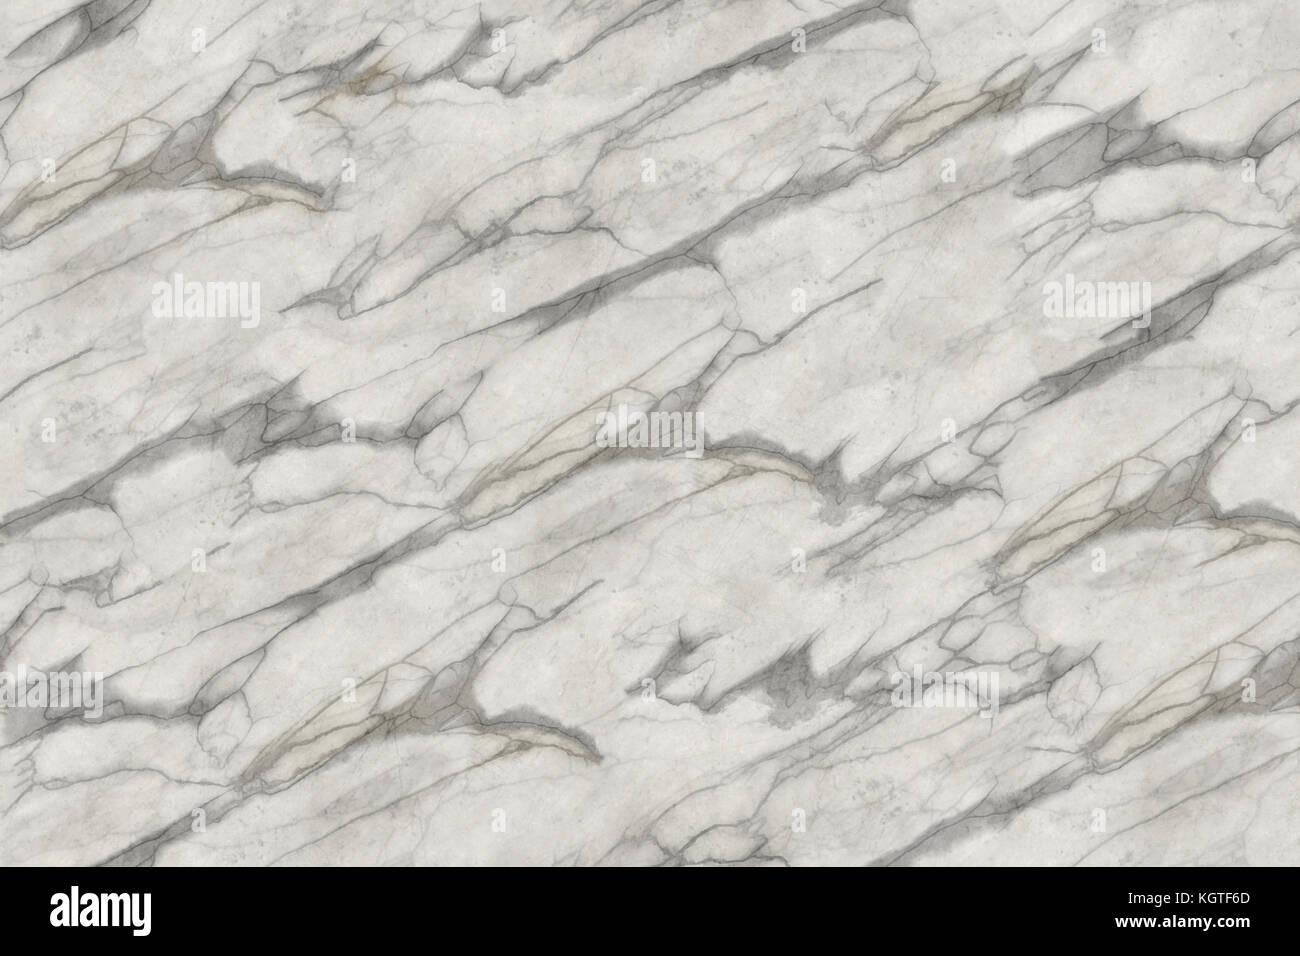 Weisser Granit weißer hintergrund marmor wand textur poliertem granit textur